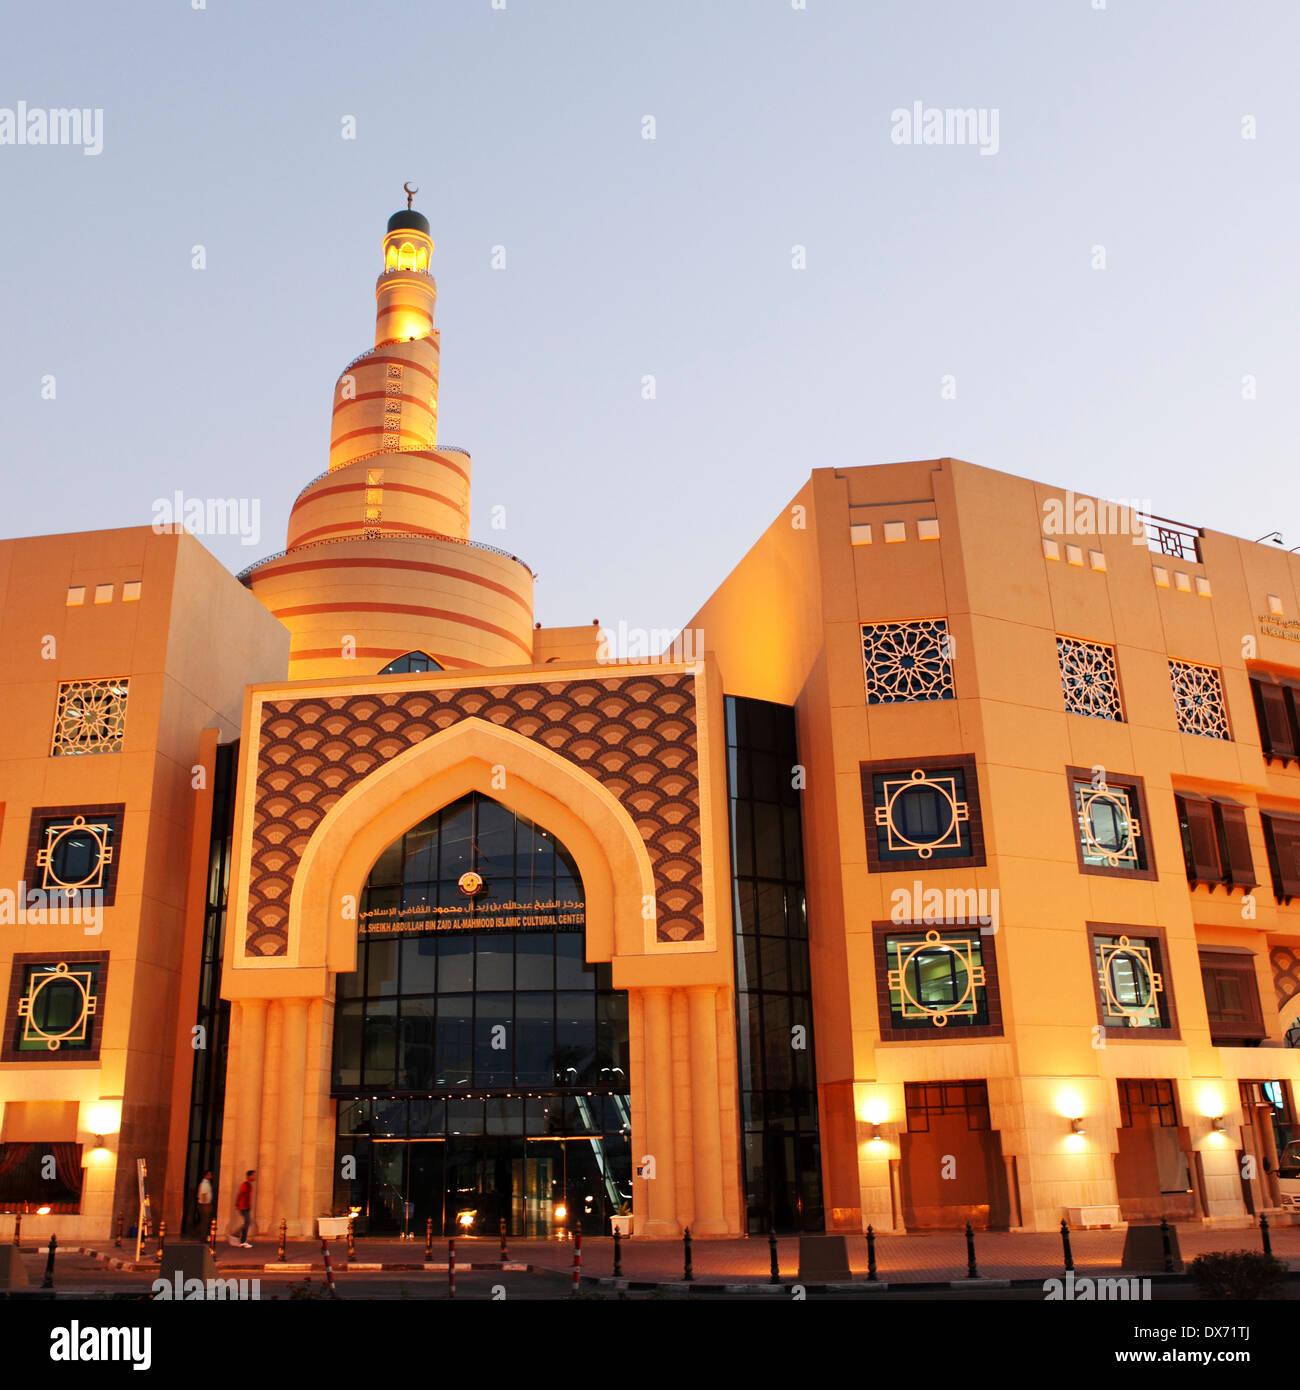 La Al Sheikh Abdullah bin Zaid Al-Mahmood centro culturale islamico a Doha, in Qatar. Immagini Stock